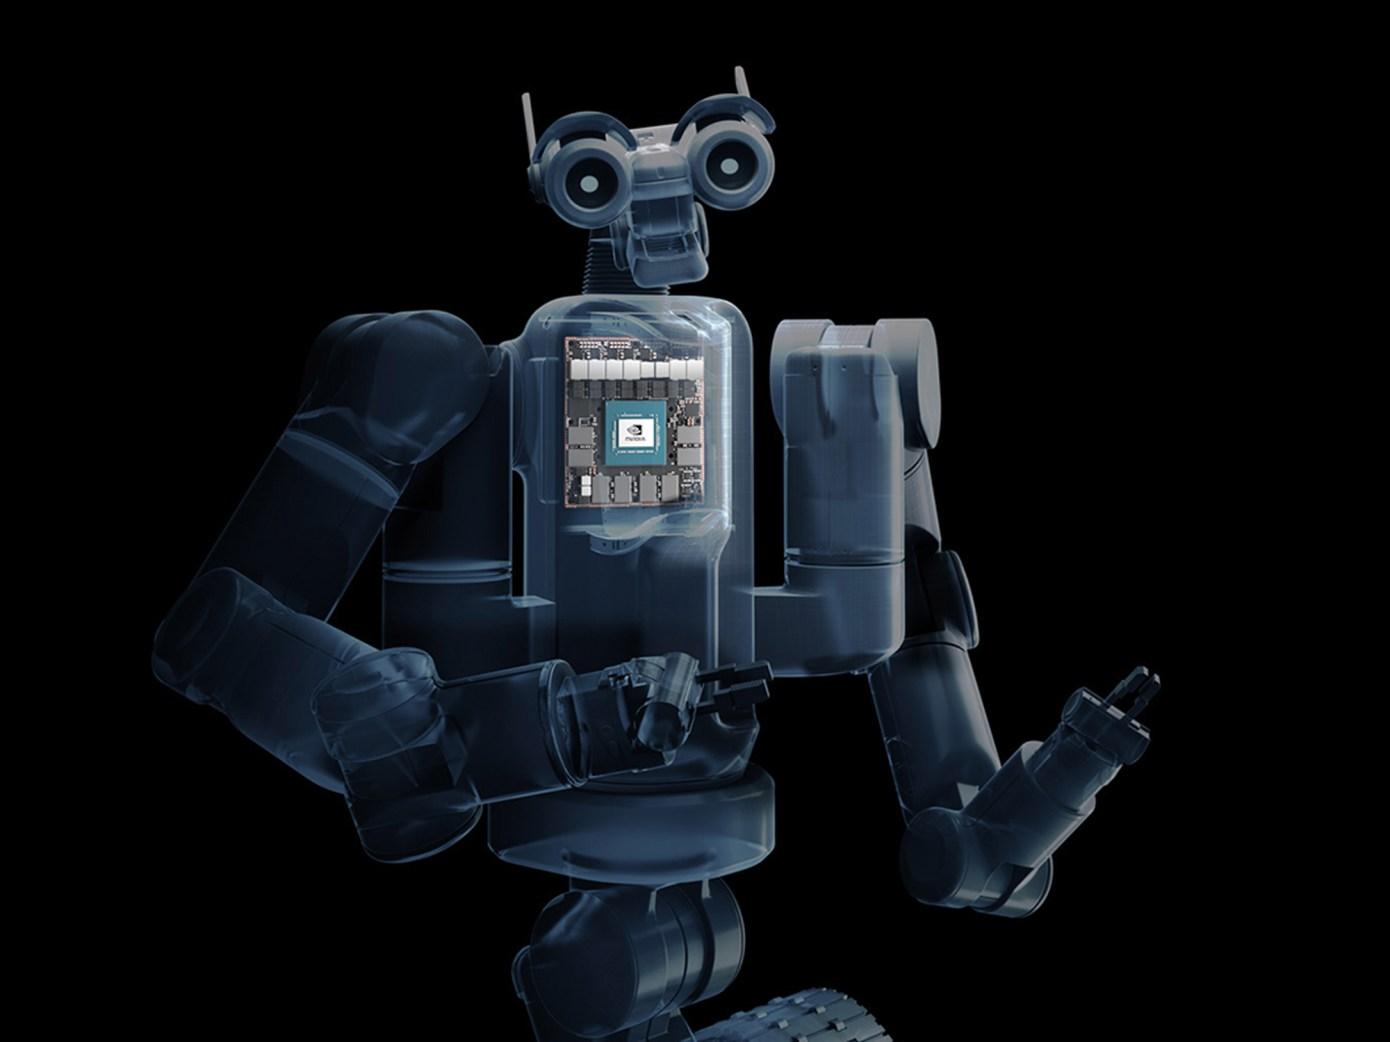 KI Plattform von Nvidia für Robotik.